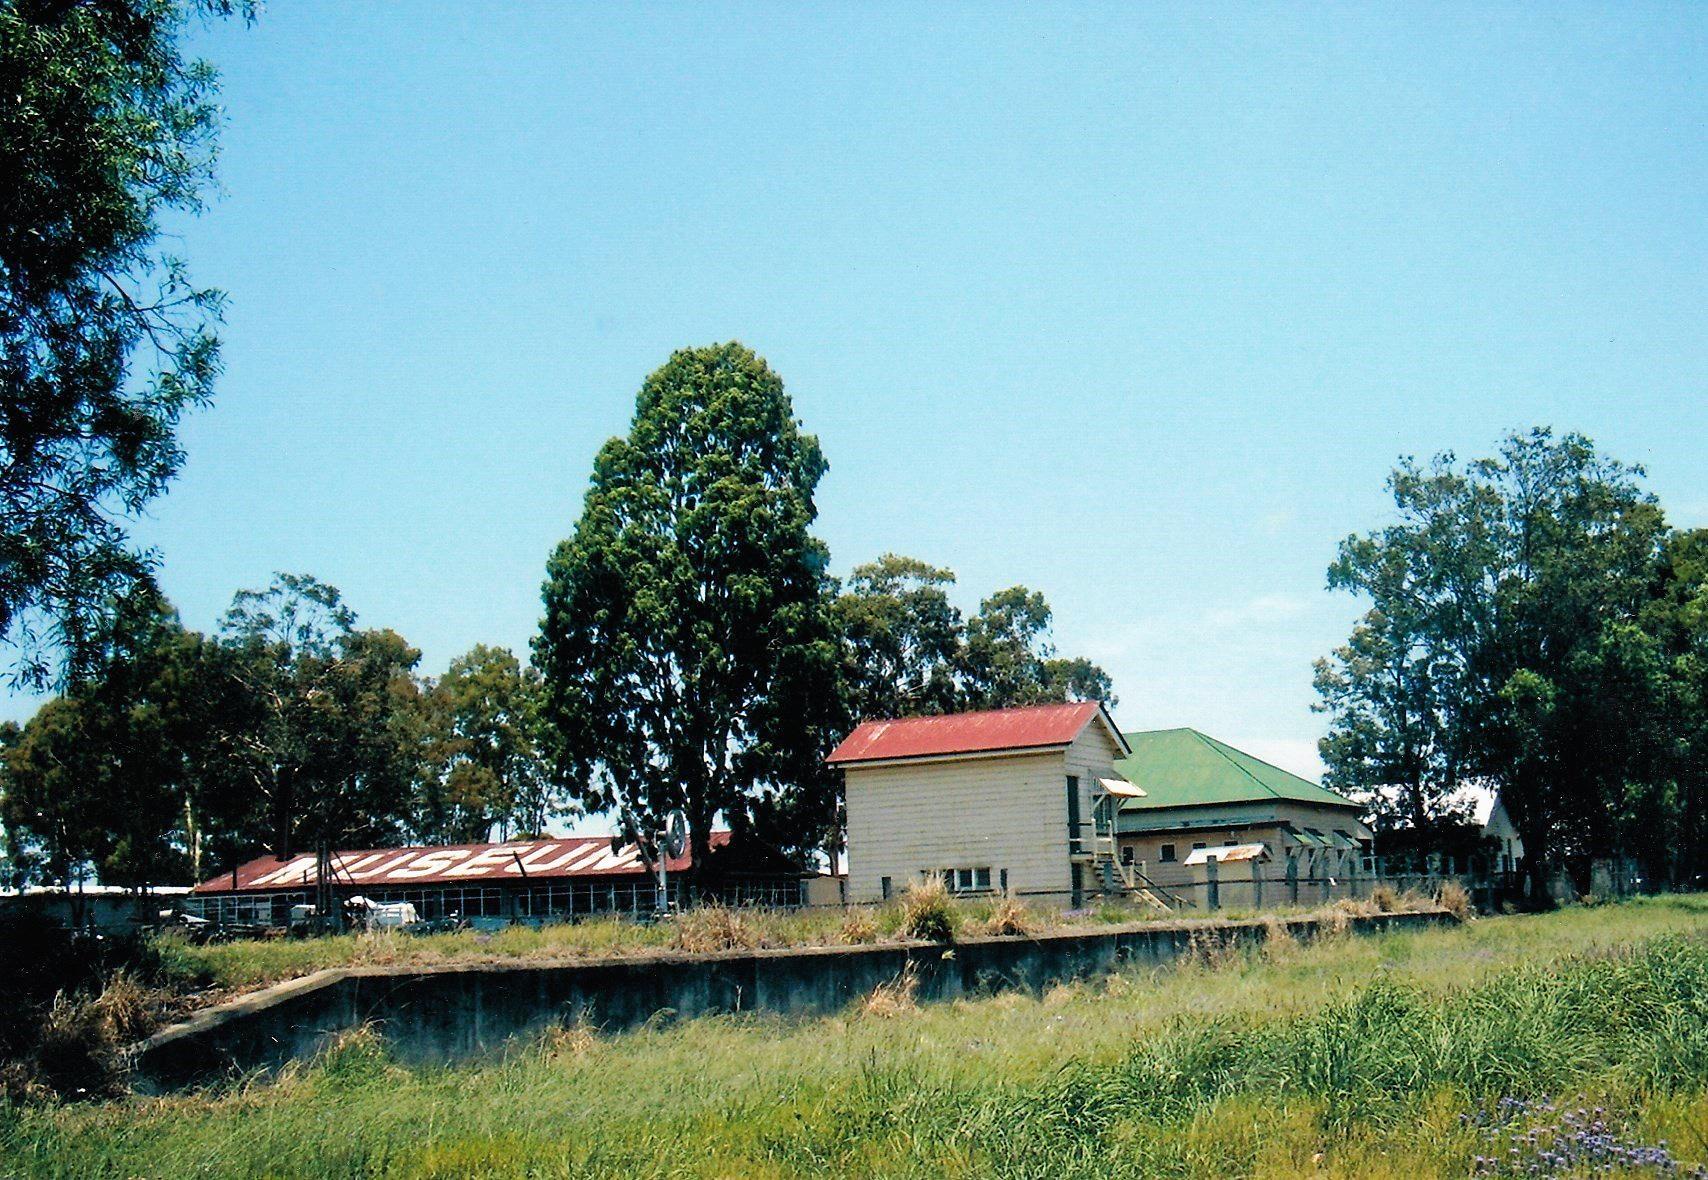 MEMORIES OF YESTERYEAR: The Chinchilla railway cattle ramp.